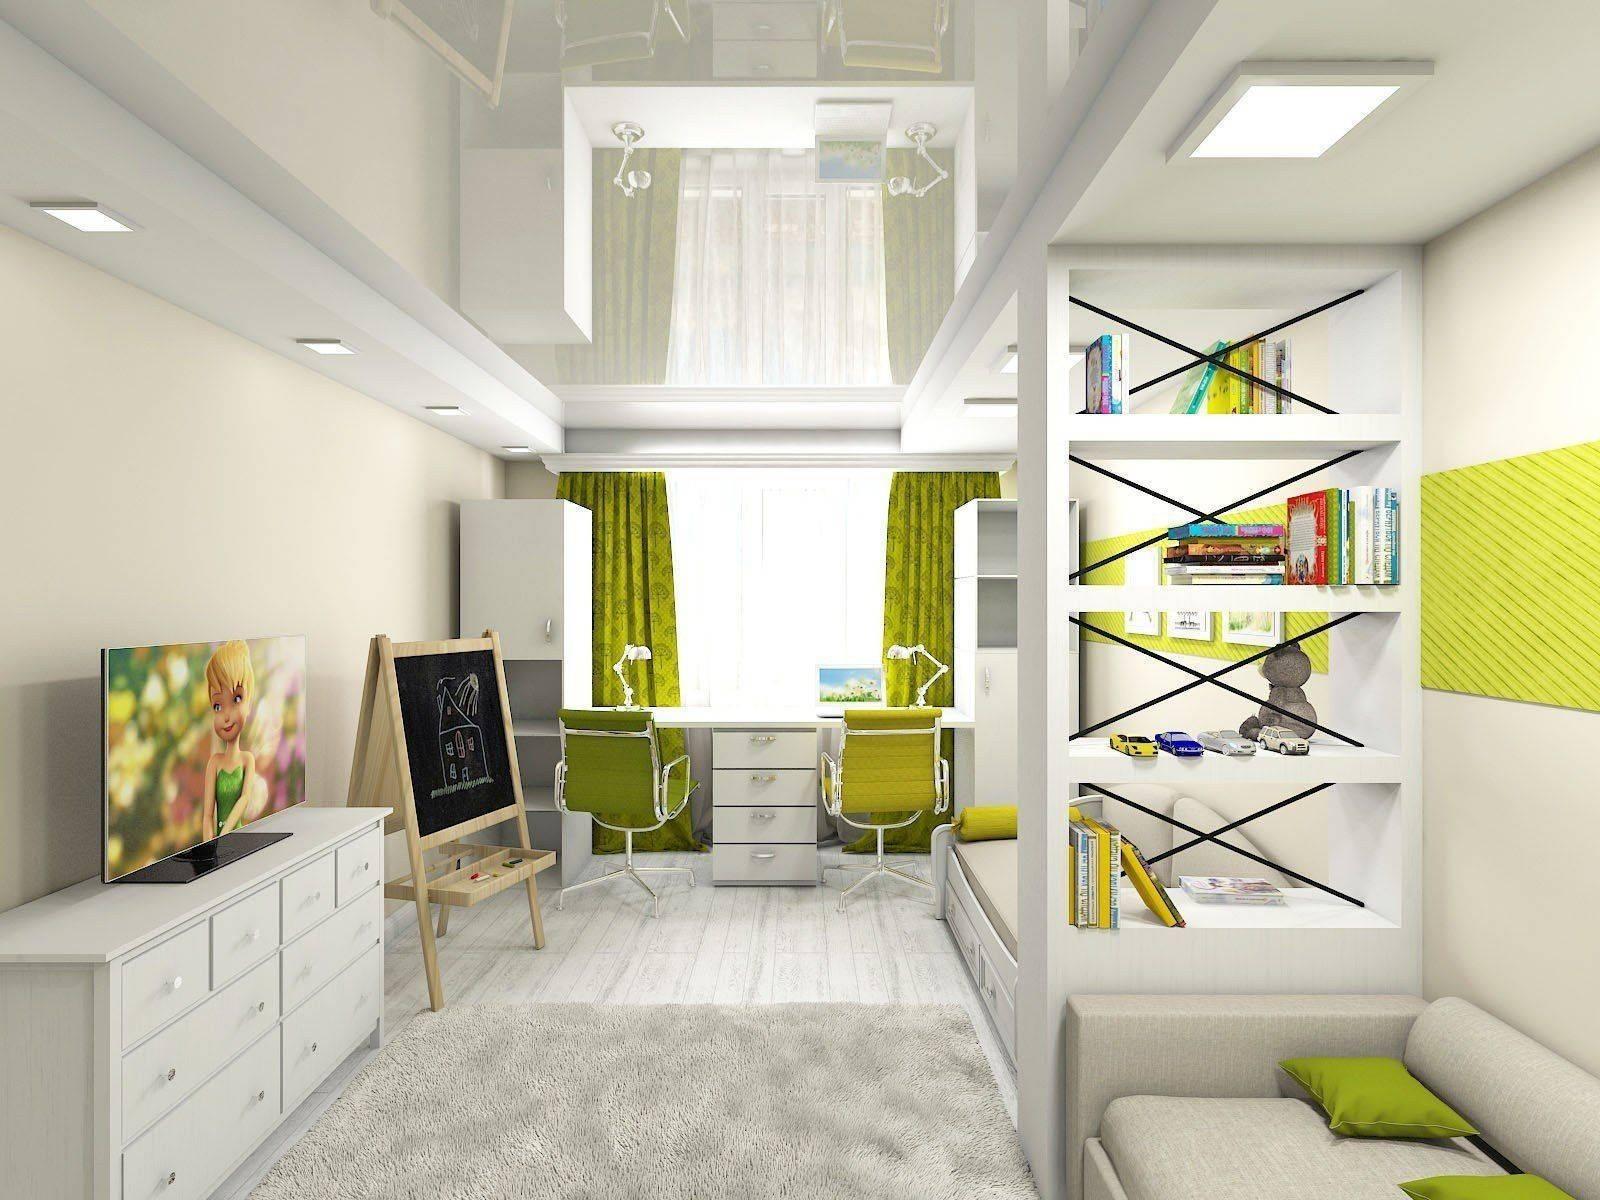 Планировка детской комнаты для двоих детей | 70 идей